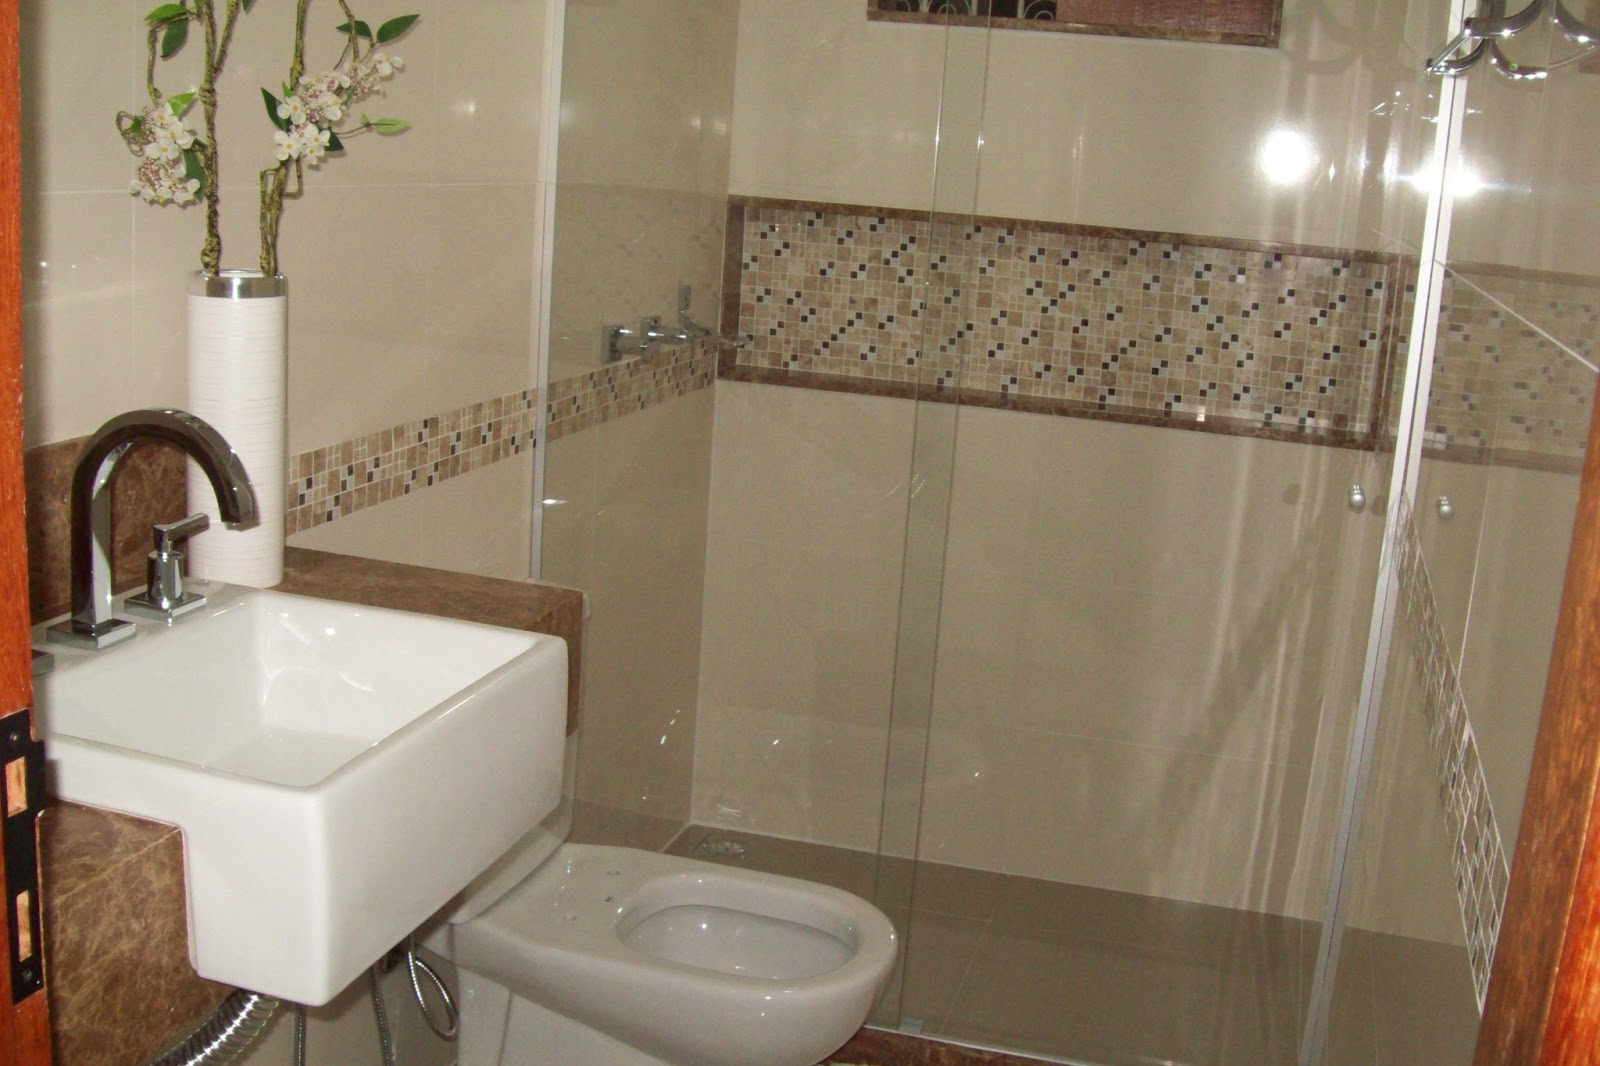 Banheiro Com Nicho Embutido  rinkratmagcom banheiros decorados 2017 -> Nicho Para Banheiro Embutido